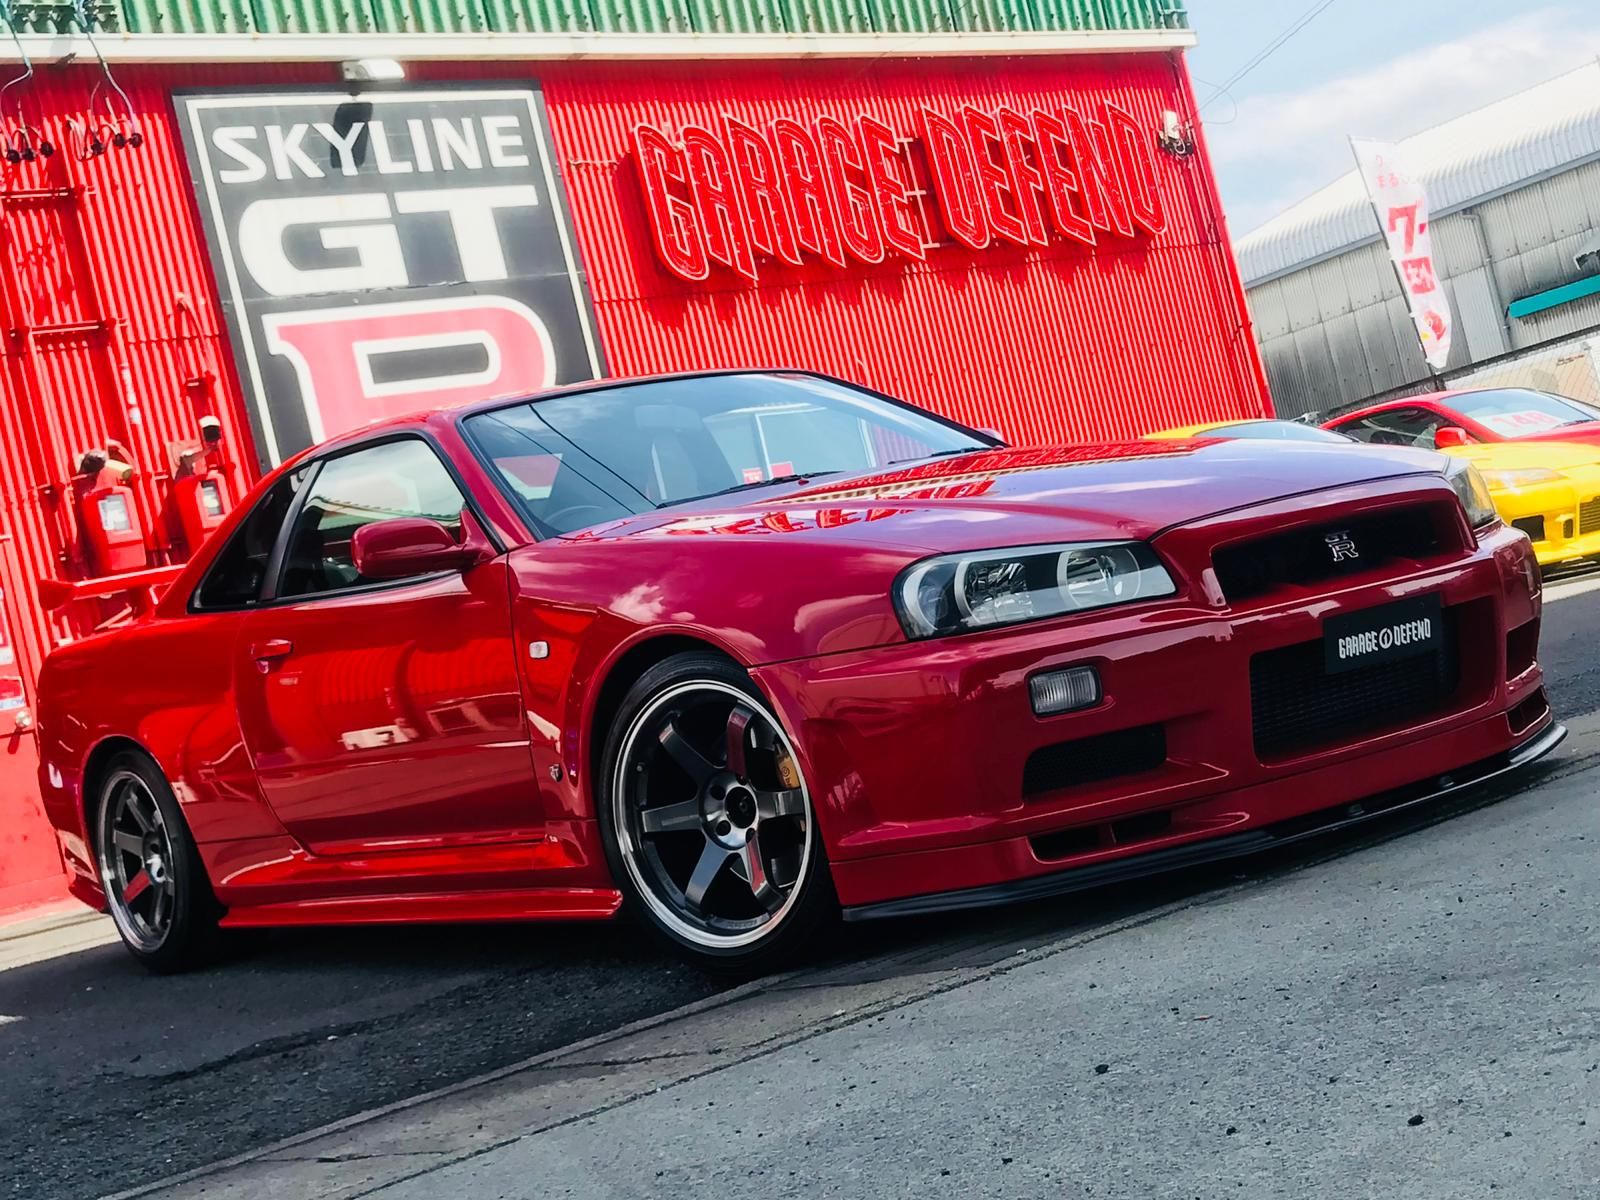 Nissan Skyline Gtr R34 For Sale >> Nissan Skyline Bnr34 Gt R For Sale 3424 Garage Defend